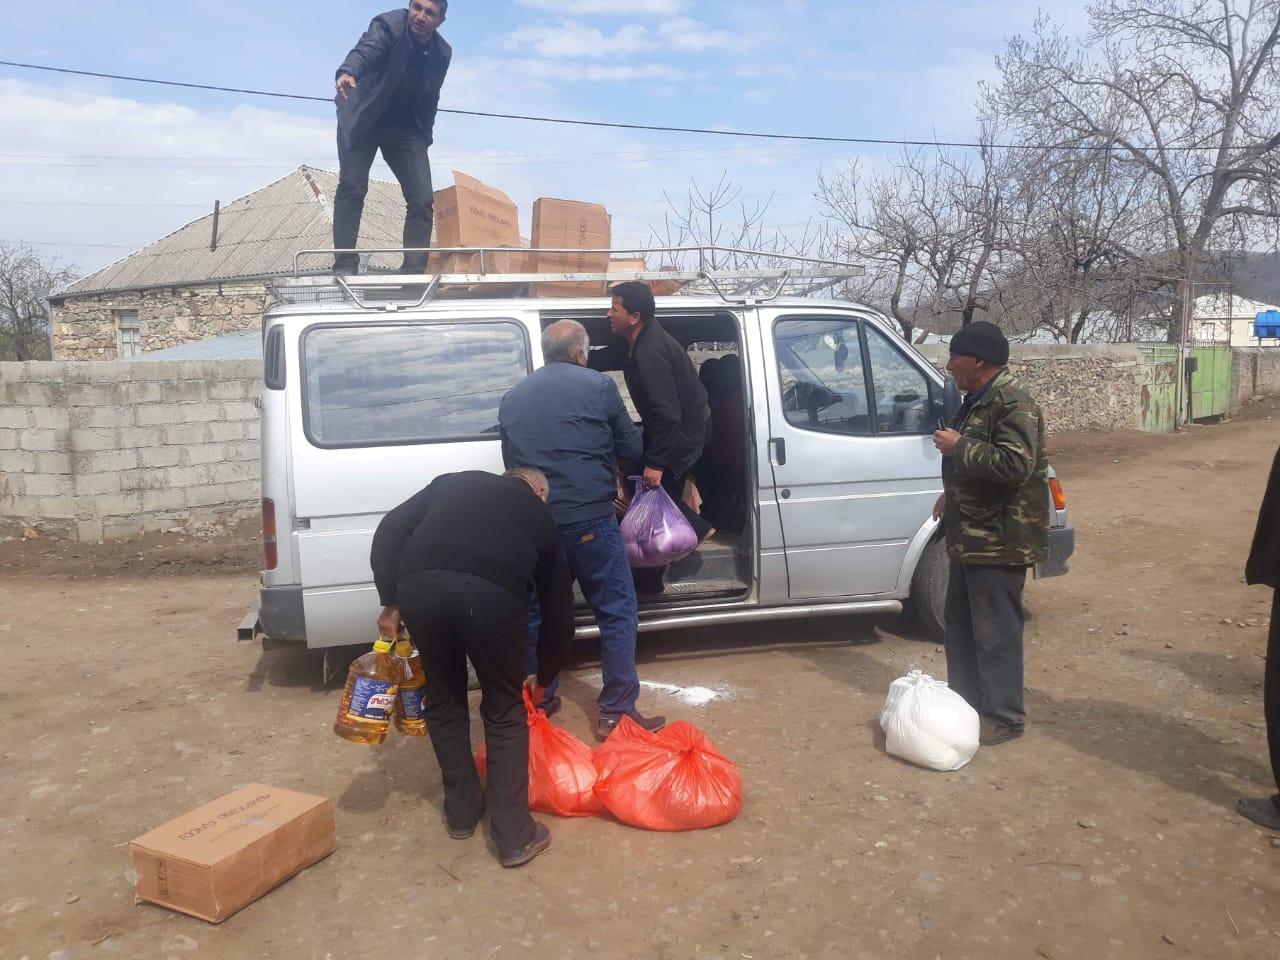 Slider-Bolnisidə karantinə alınan Kvemo Bolnisi (Kəpənəkçi) kənd sakinlərinə ərzaq yardımı edildi - FOTO